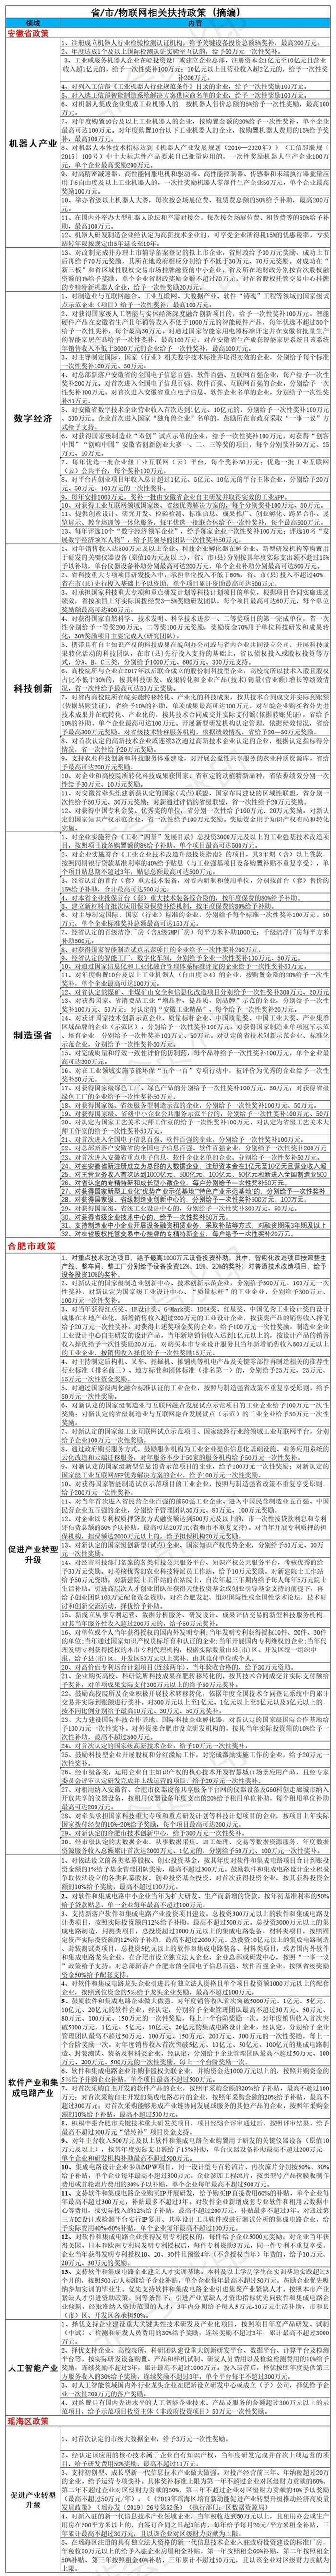 省市物联网相关扶持政策-摘编.png